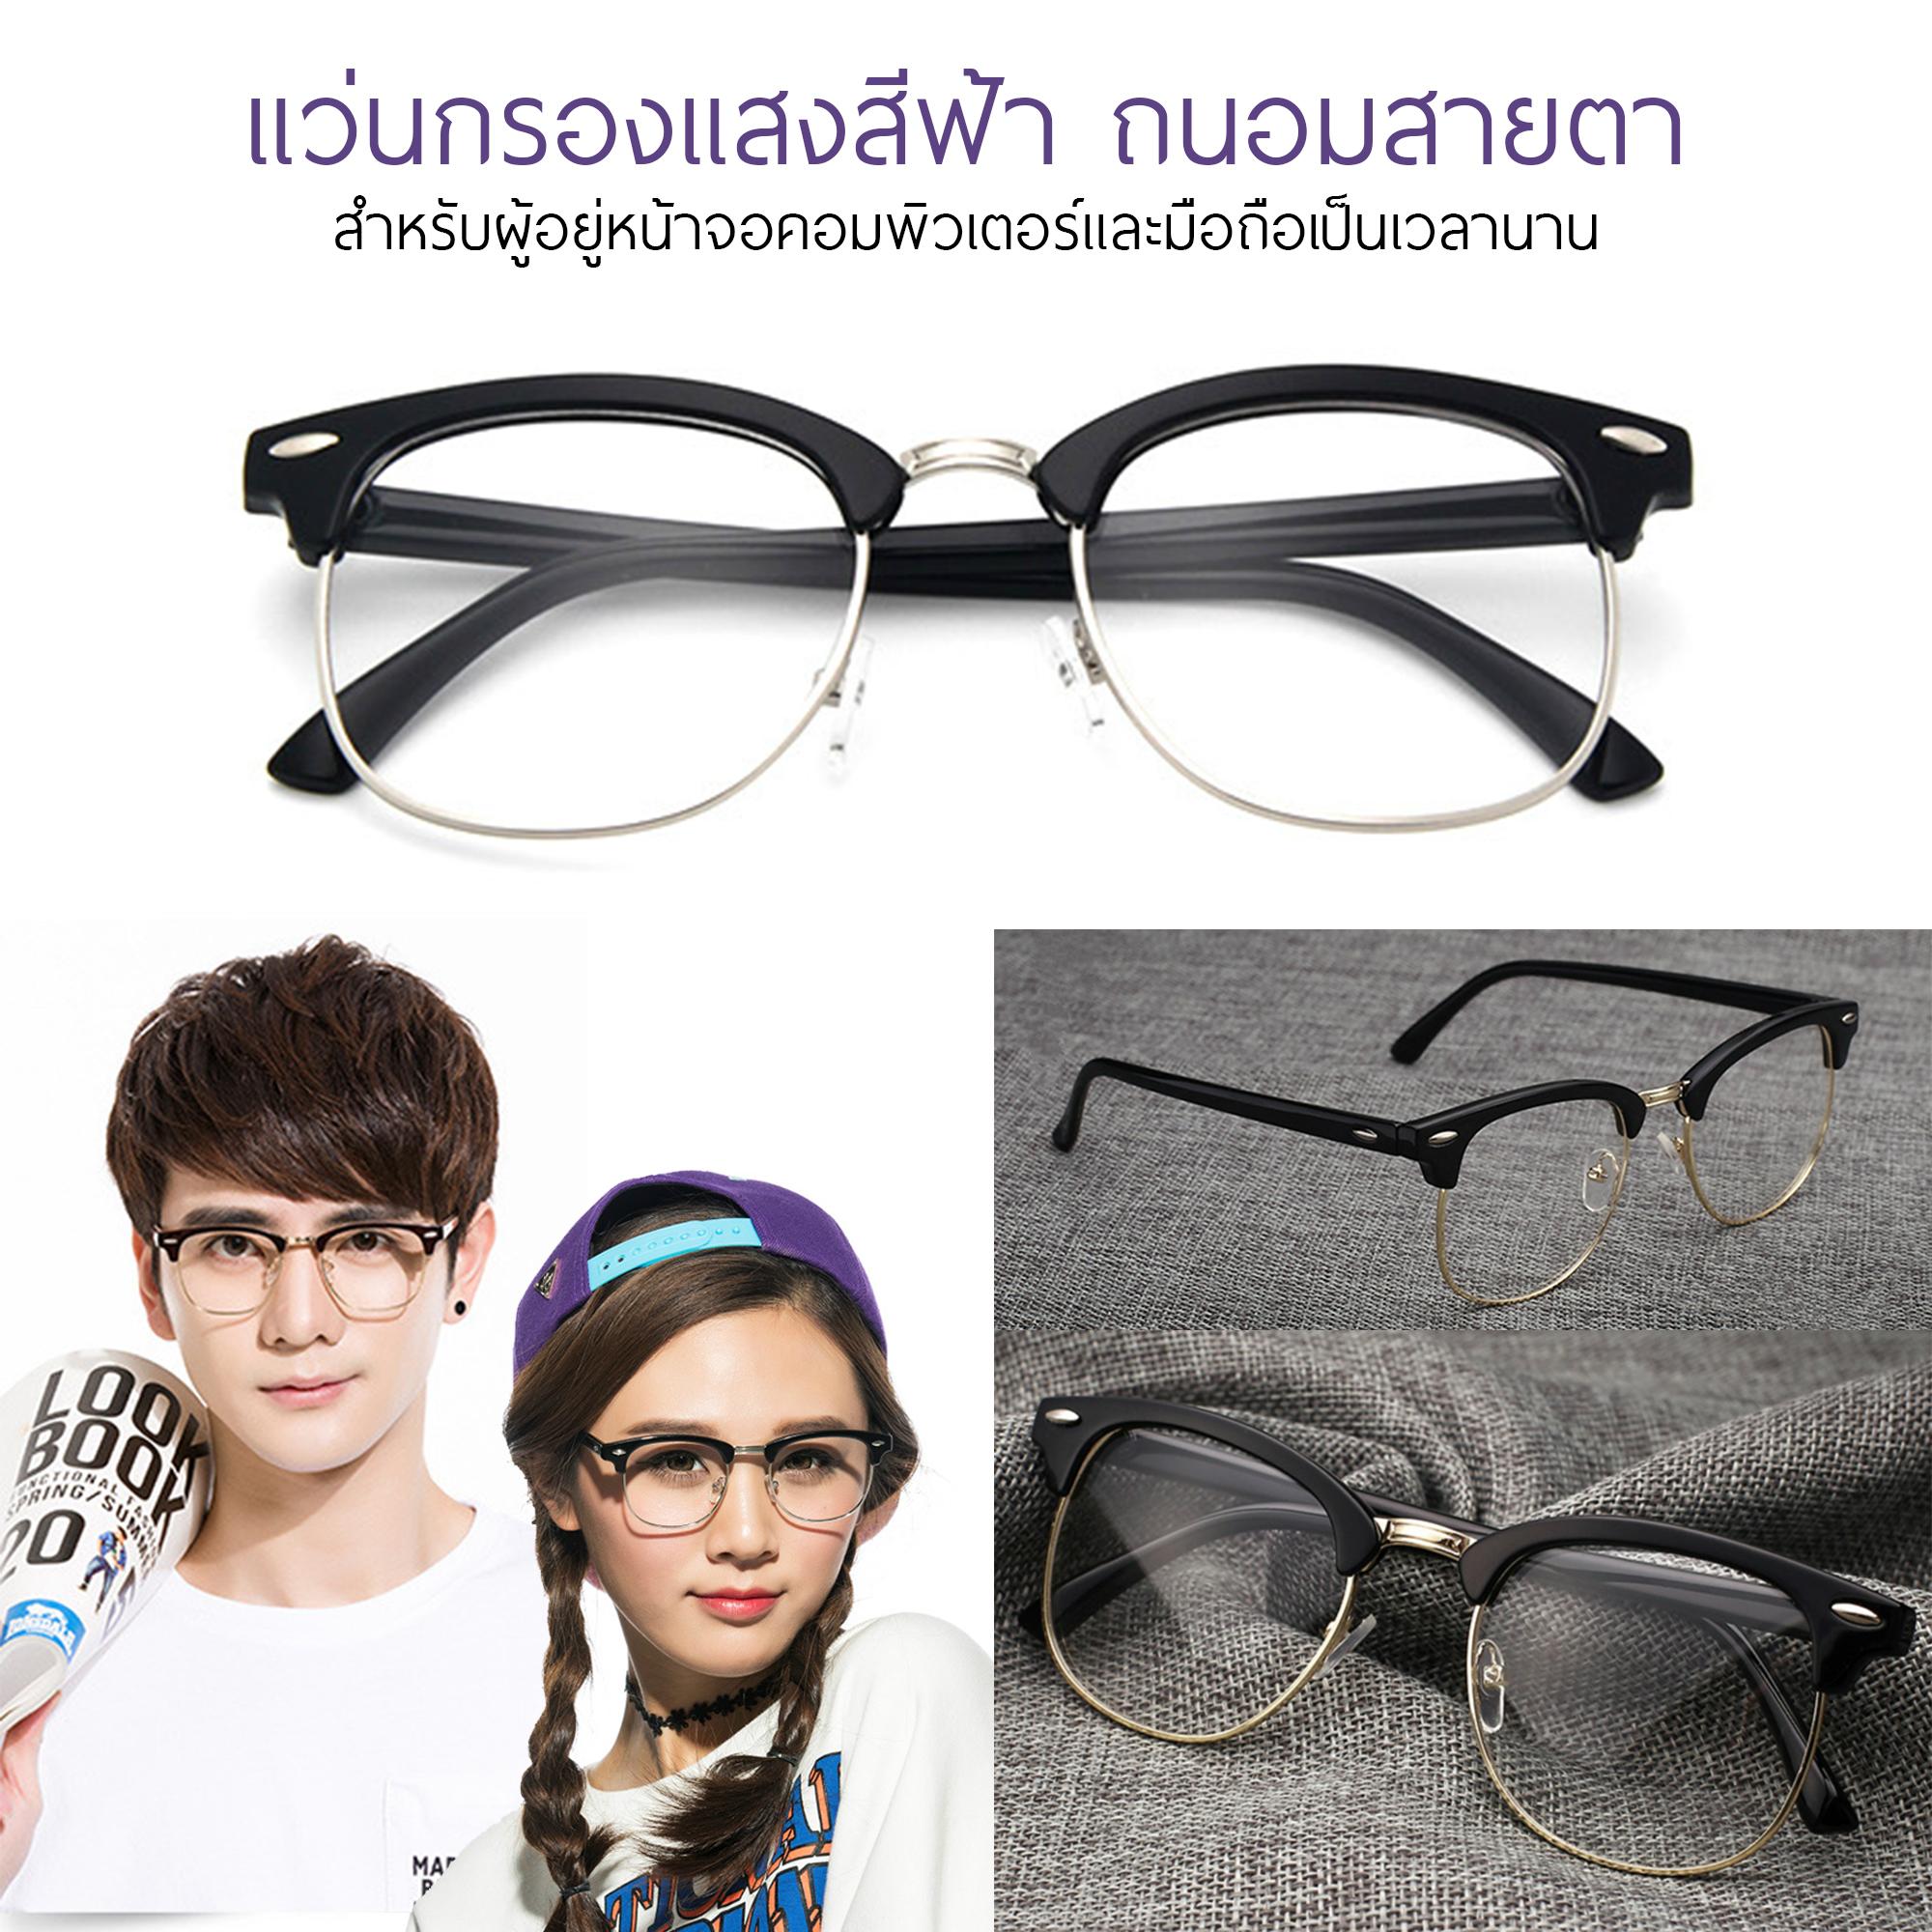 แว่นกรองแสงสีฟ้า ถนอมสายตา ตัดแสงฟ้า